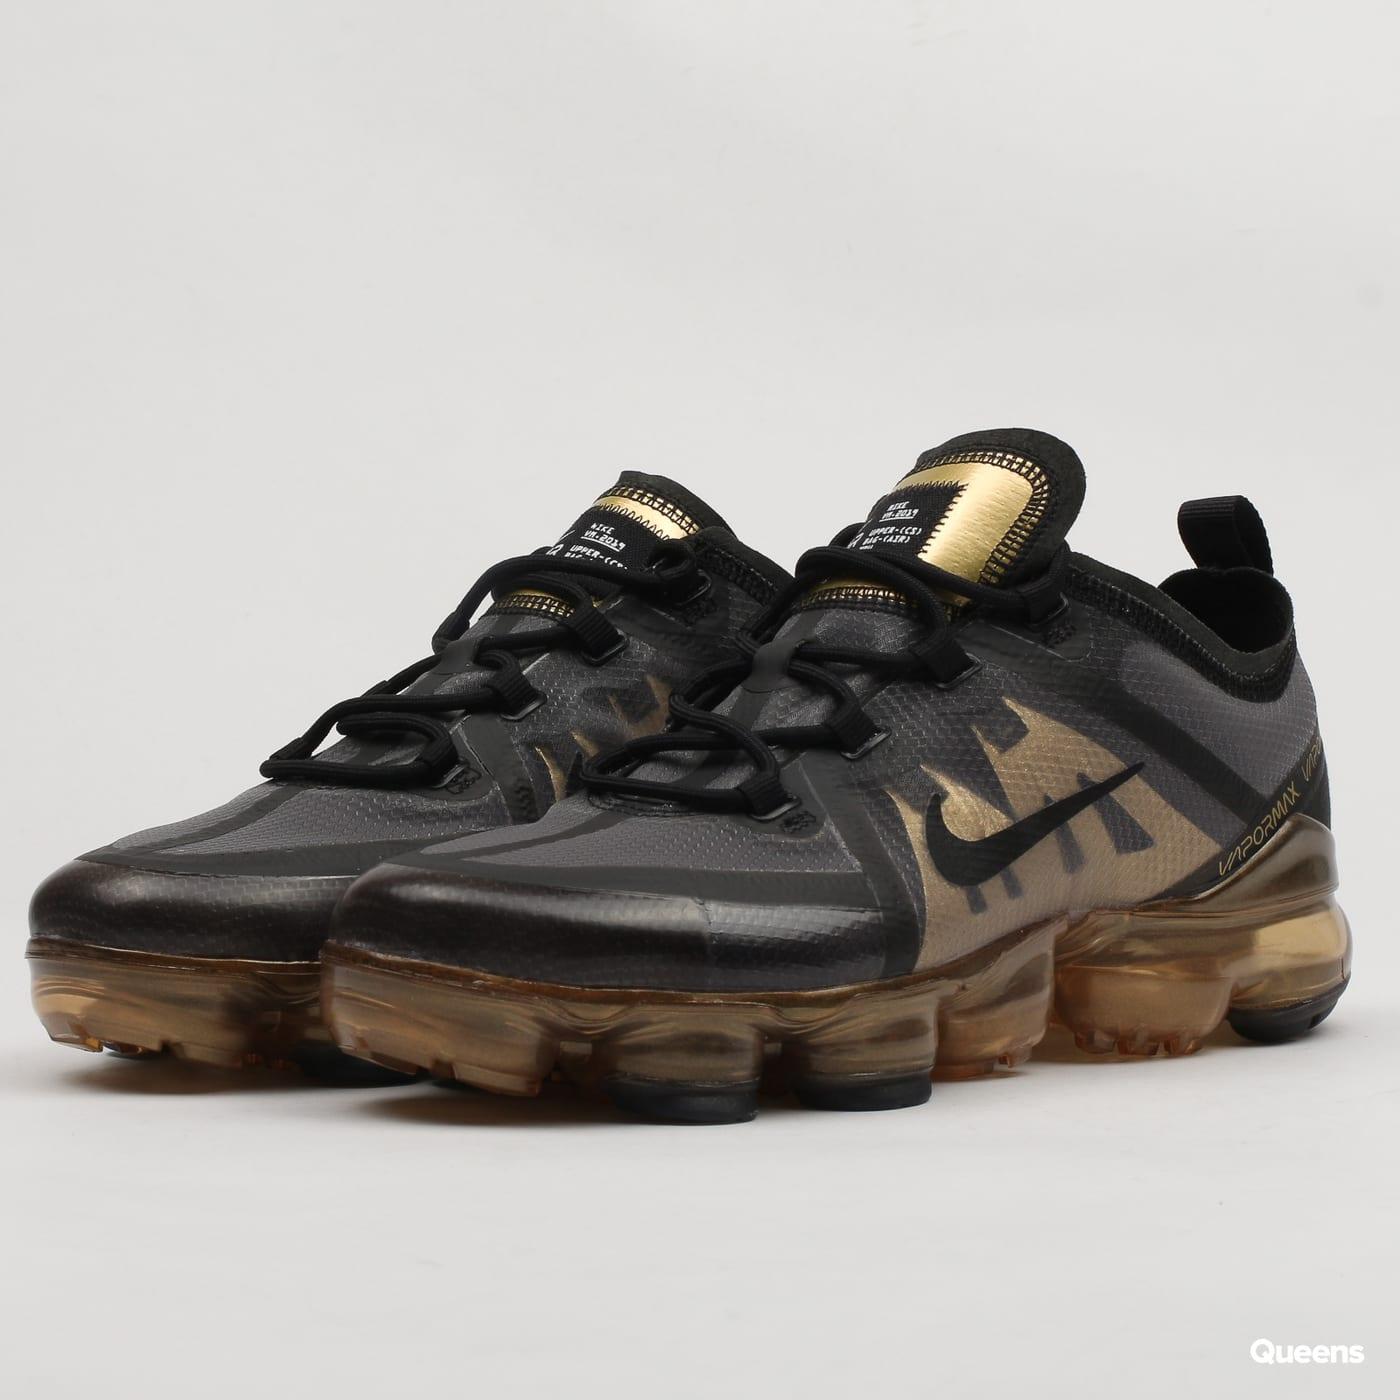 fccb5042637 Zlaté dámské tenisky (sneakers) – Queens 💚